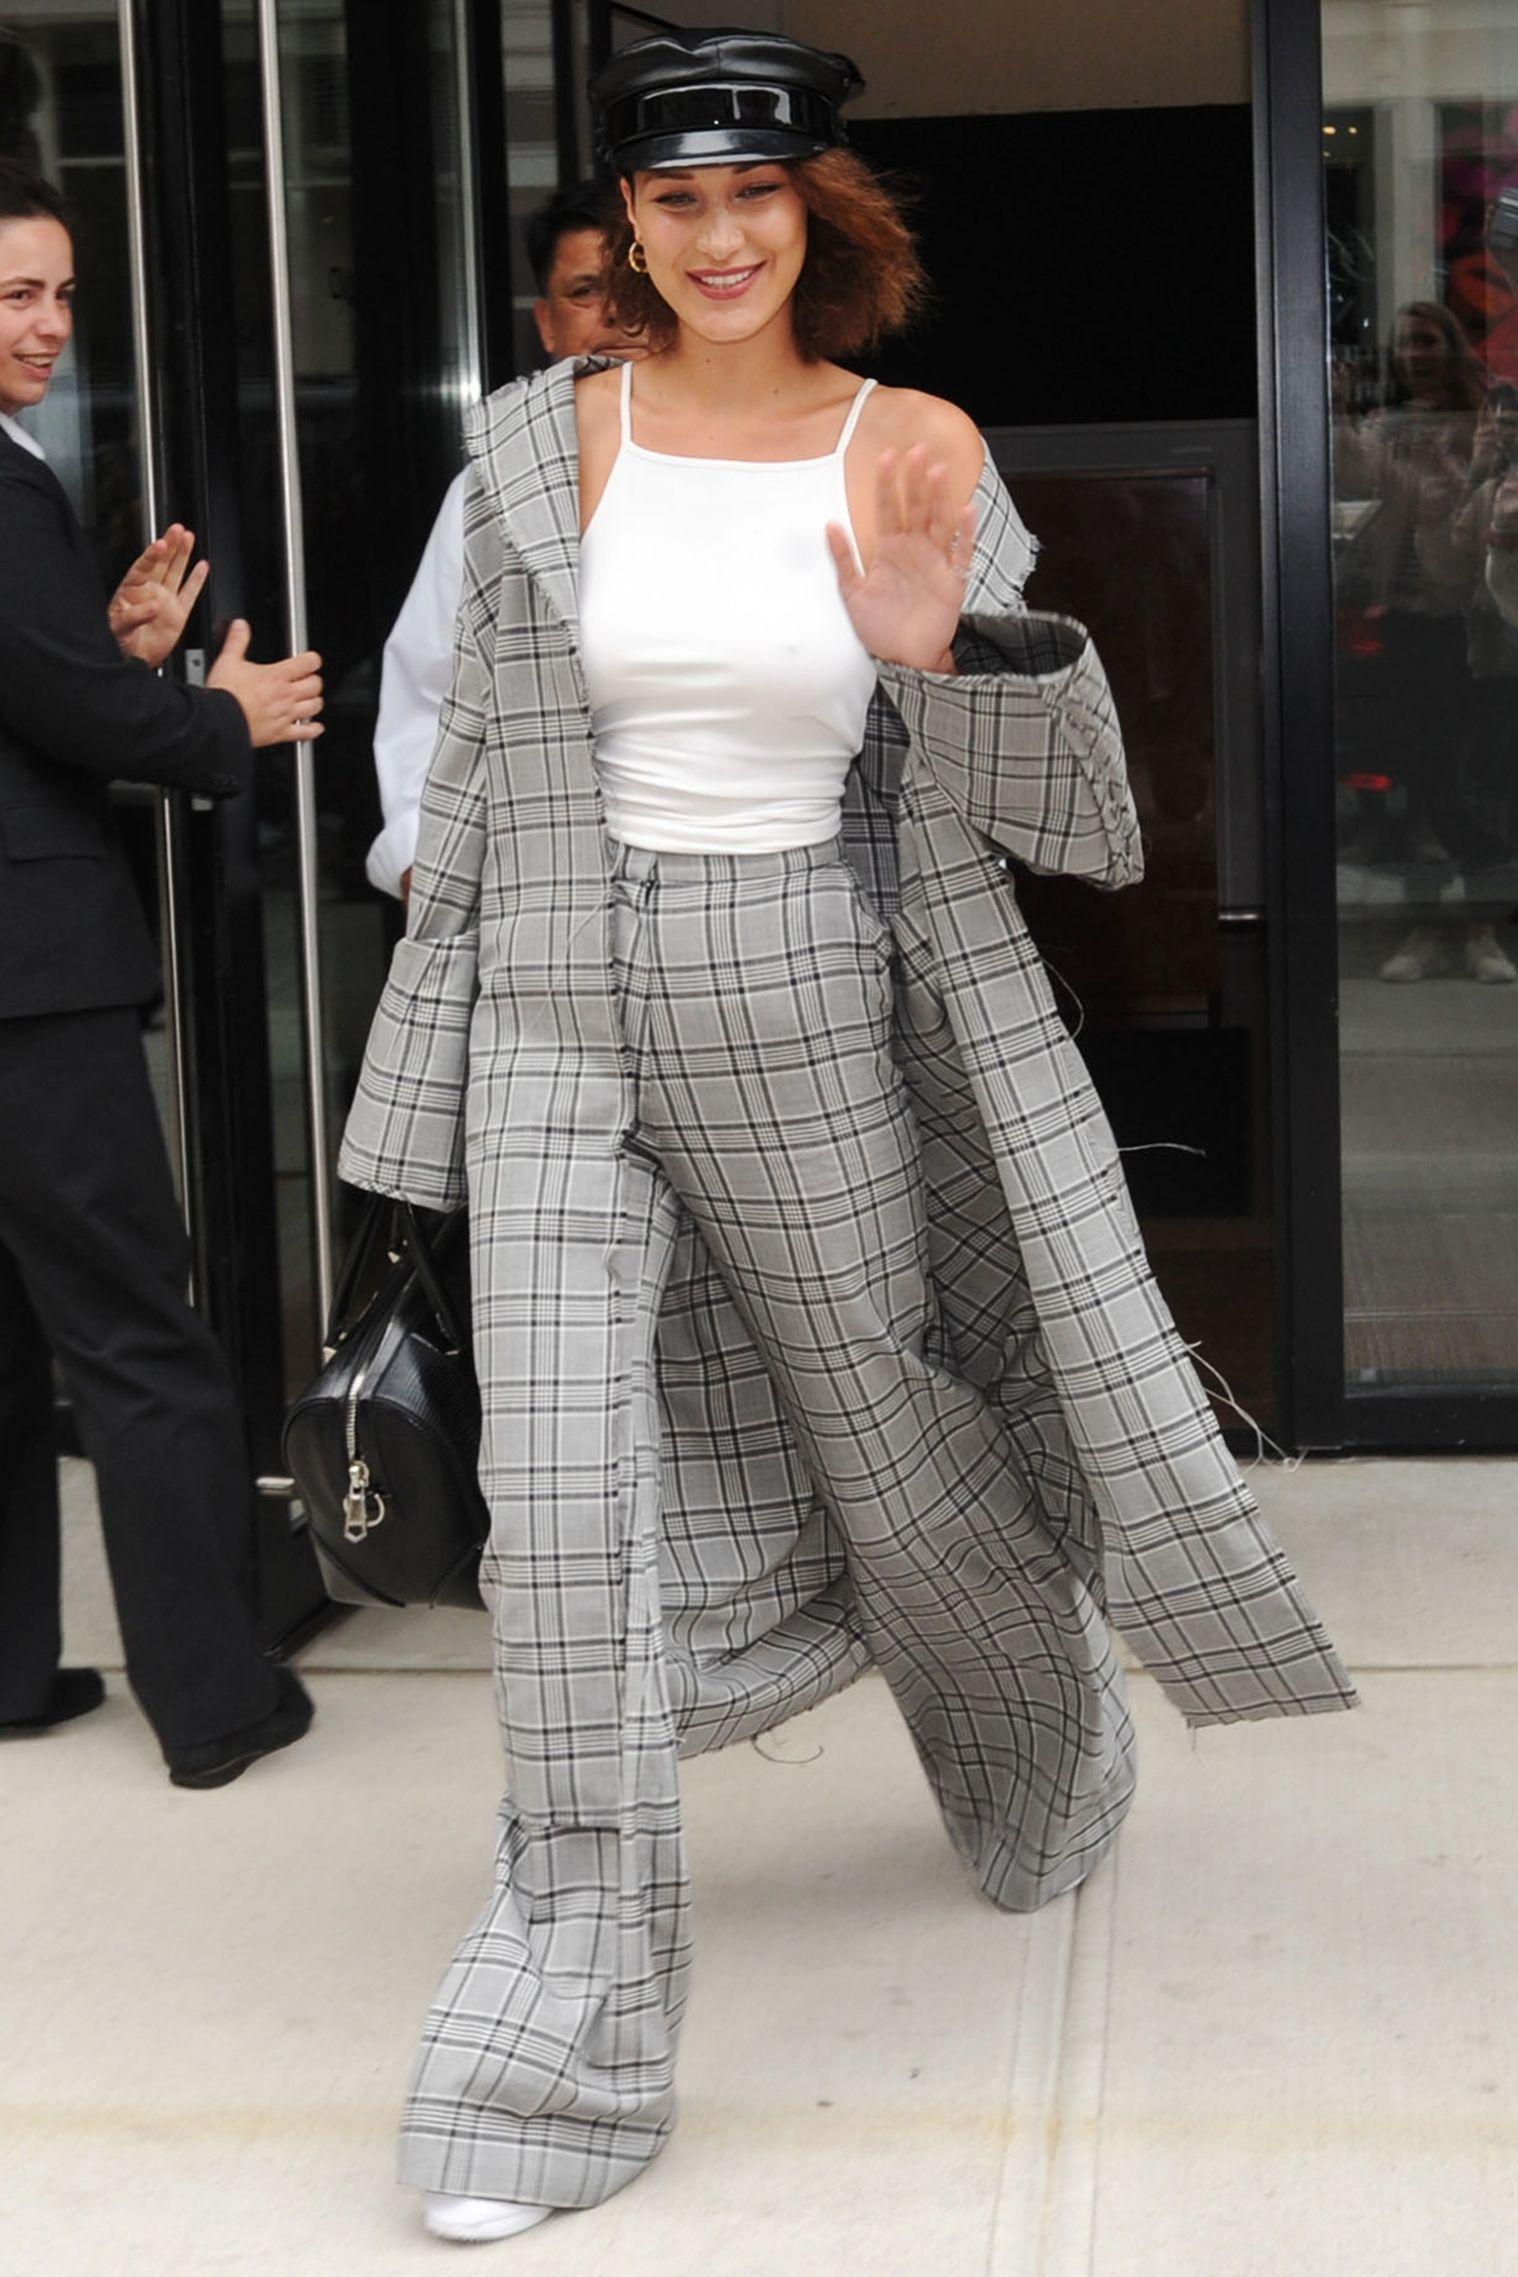 Chiếc mũ Chrome Hearts do chính Bella Hadid thiết kế được người mẫu sử dụng làm điểm nhấn cho bộ trang phục hoạ tiết kẻ tông màu trung tính.